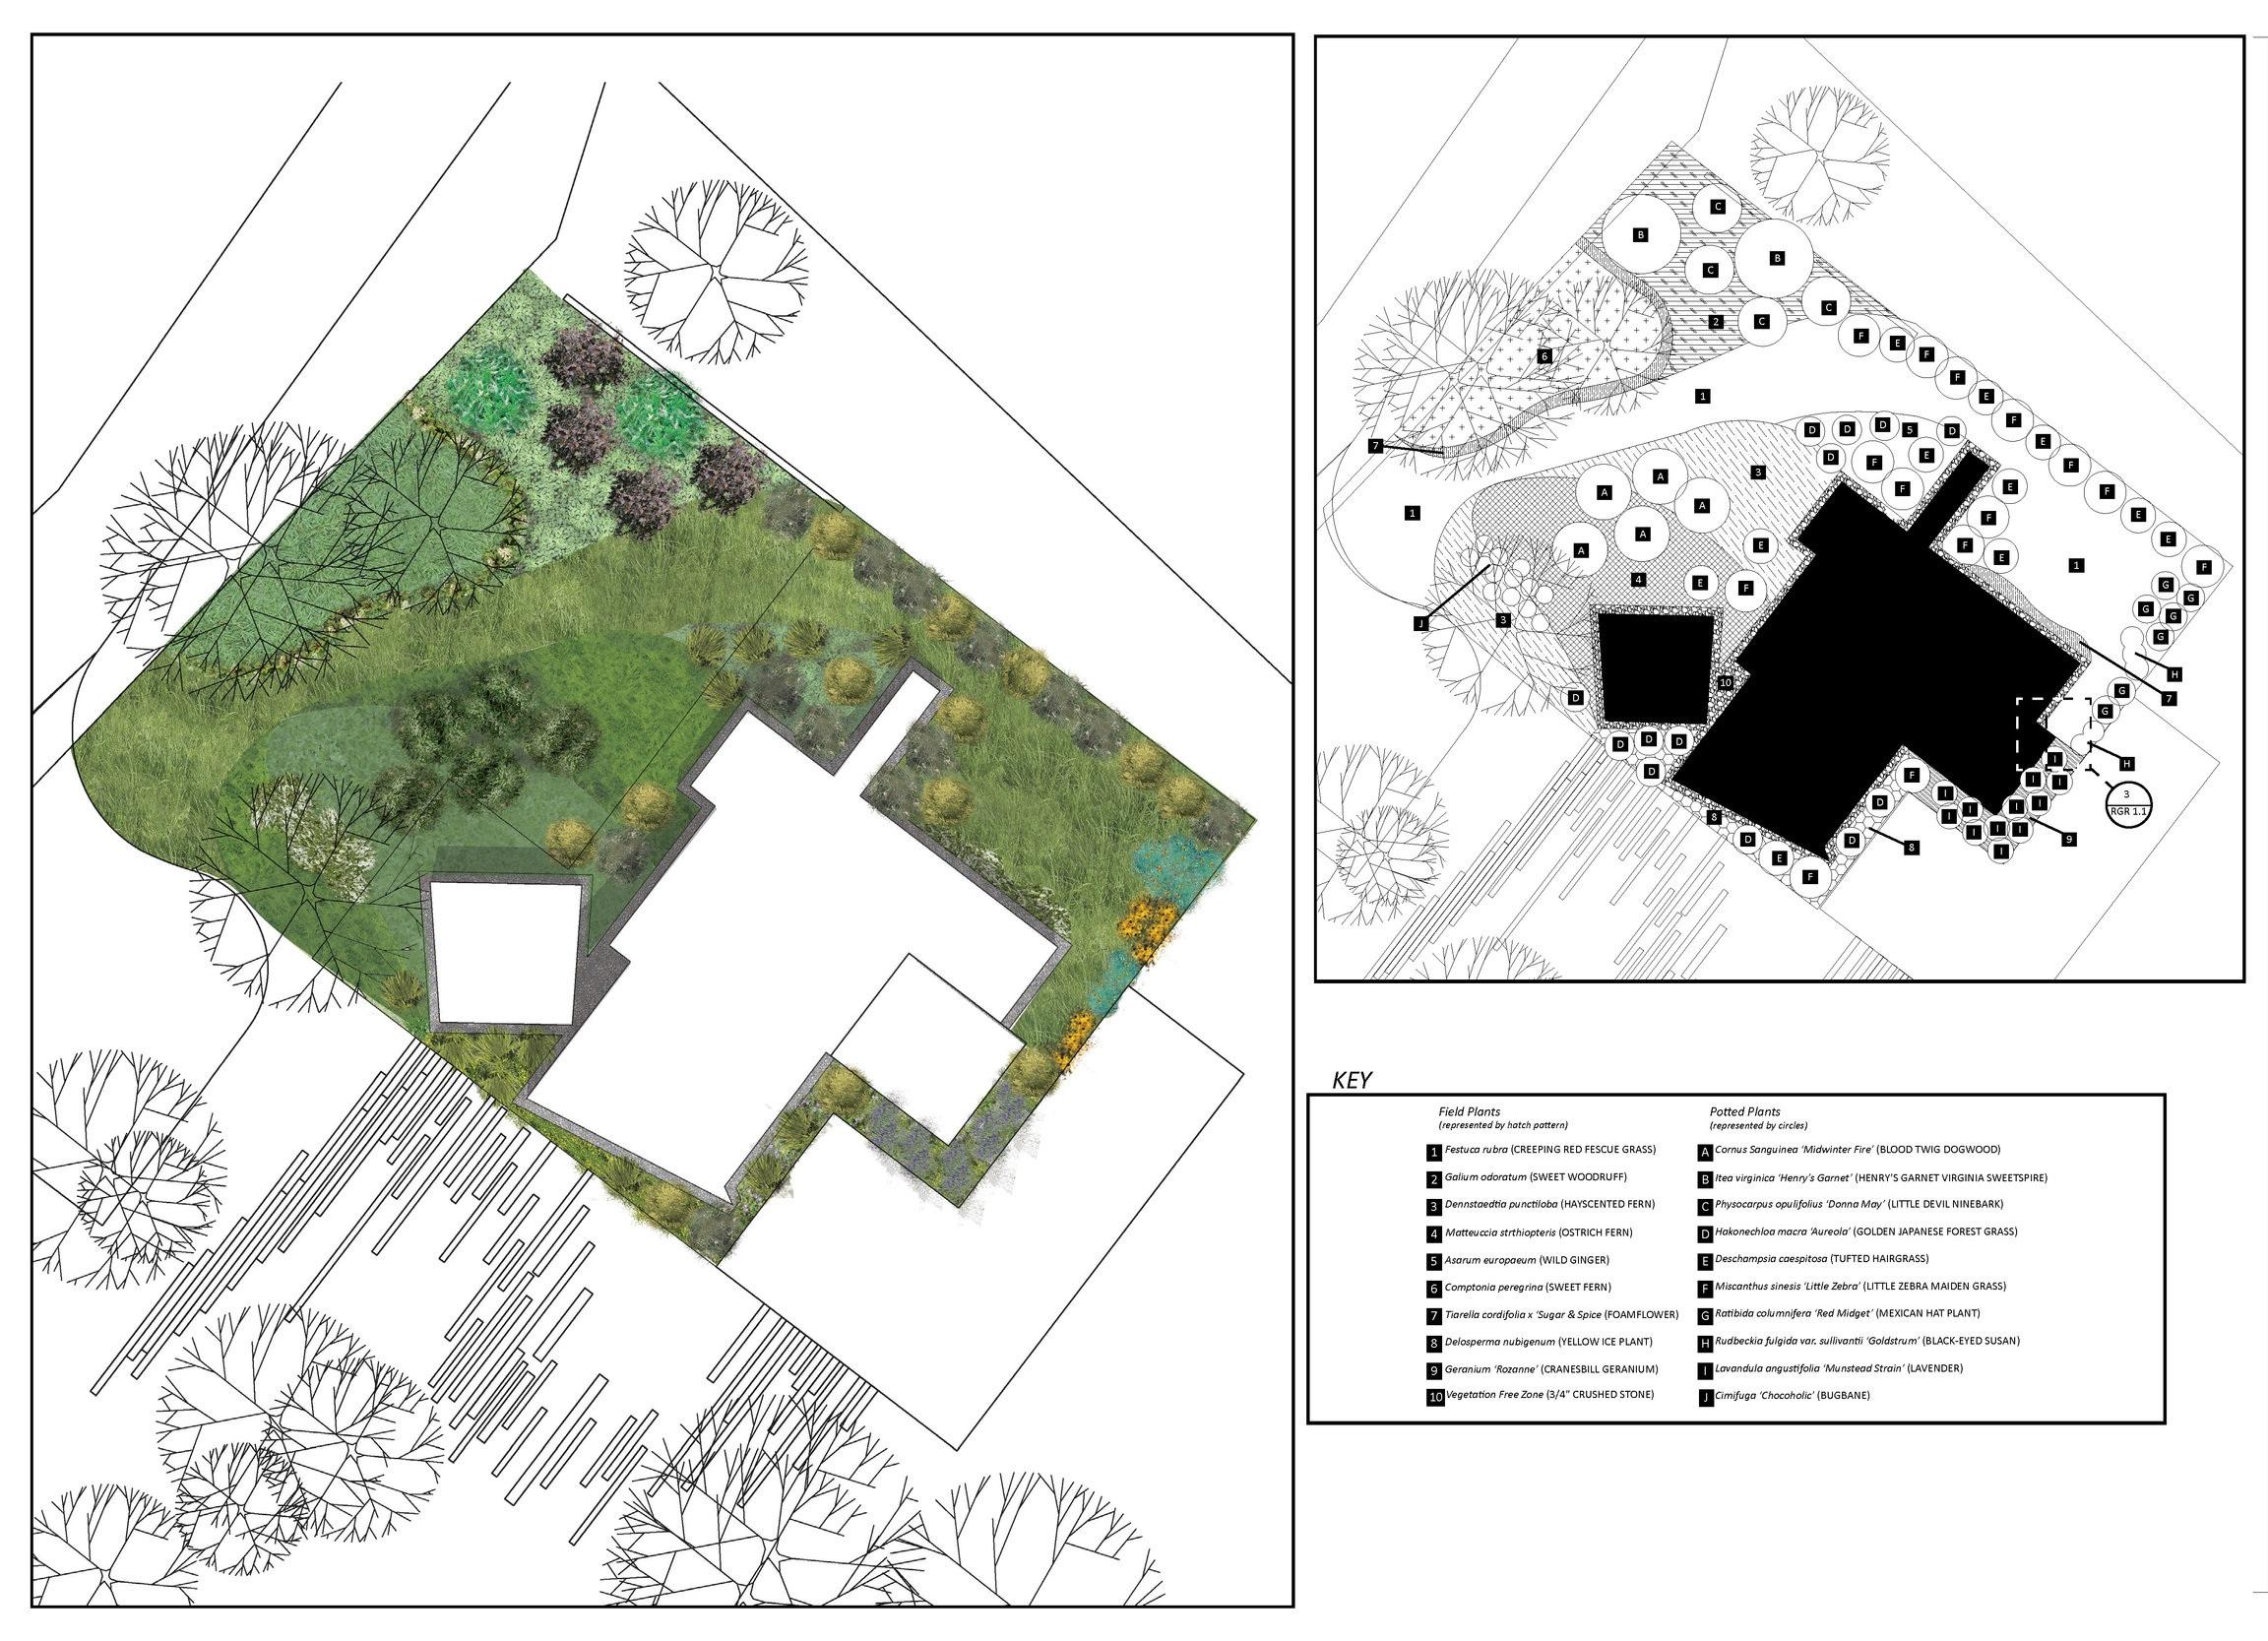 Lake+Dr+Planting+Plan_r2+2015-05-06_Page_1.jpg